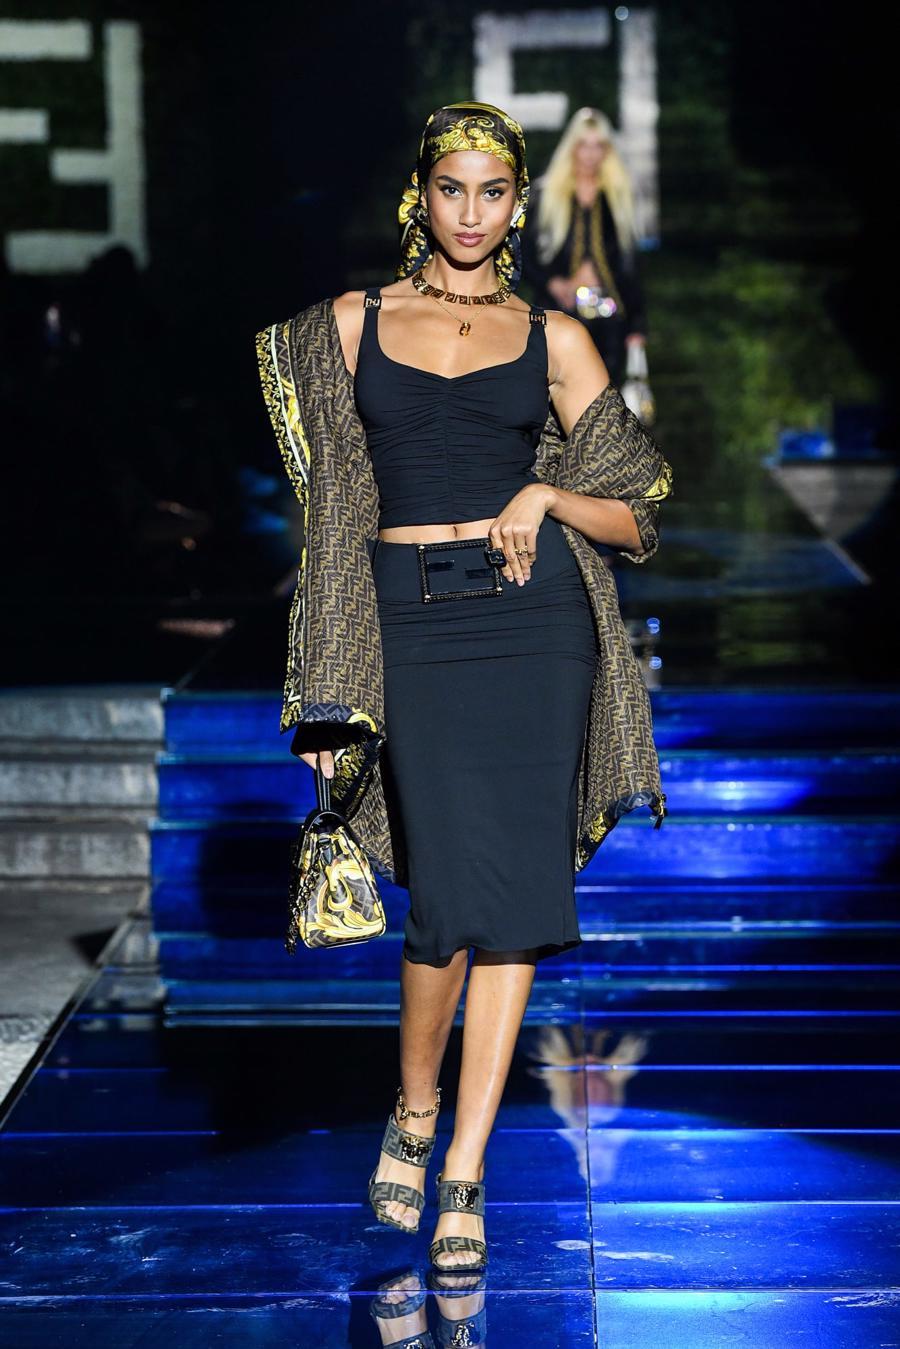 Màn bắt tay lịch sử của hai tập đoàn thời trang xa xỉ đẳng cấp thế giới - Ảnh 18